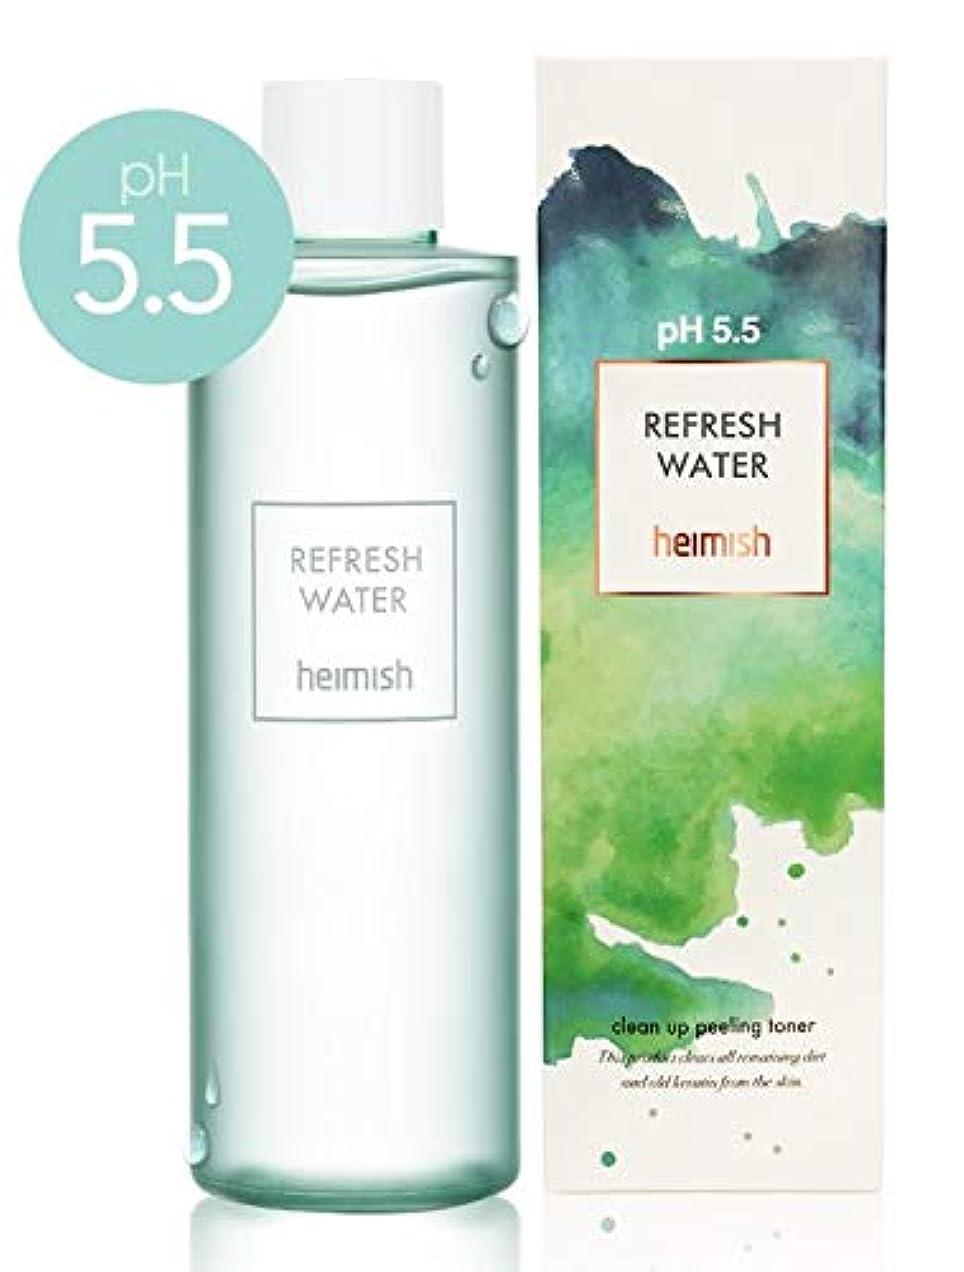 ピケ封建生理Heimish pH5.5 Refresh Water/ヘイミッシュリフレッシュ ウォーター 250ml [並行輸入品]